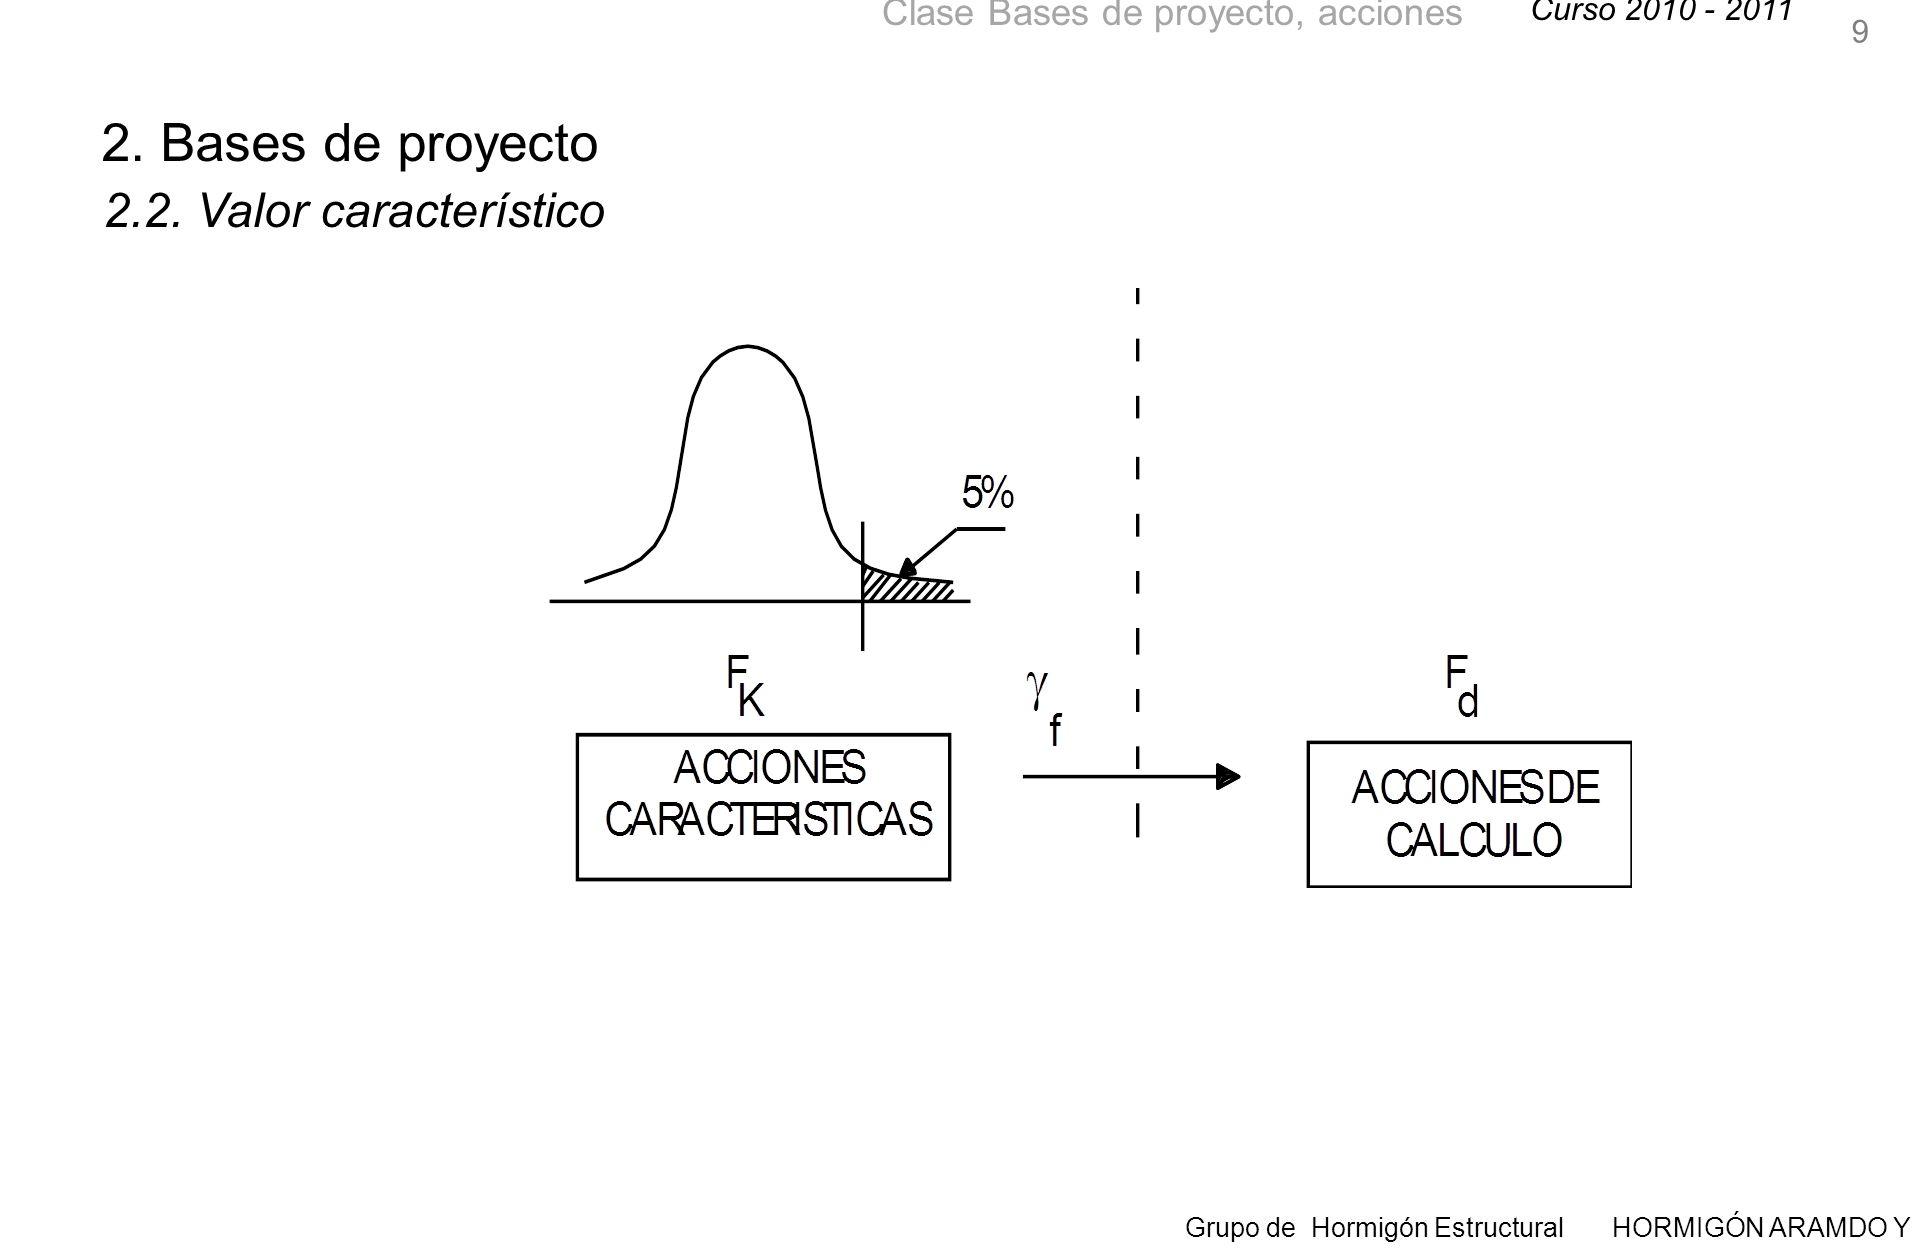 Curso 2010 - 2011 Grupo de Hormigón Estructural HORMIGÓN ARAMDO Y PRETENSADO II Clase Bases de proyecto, acciones 40 3.